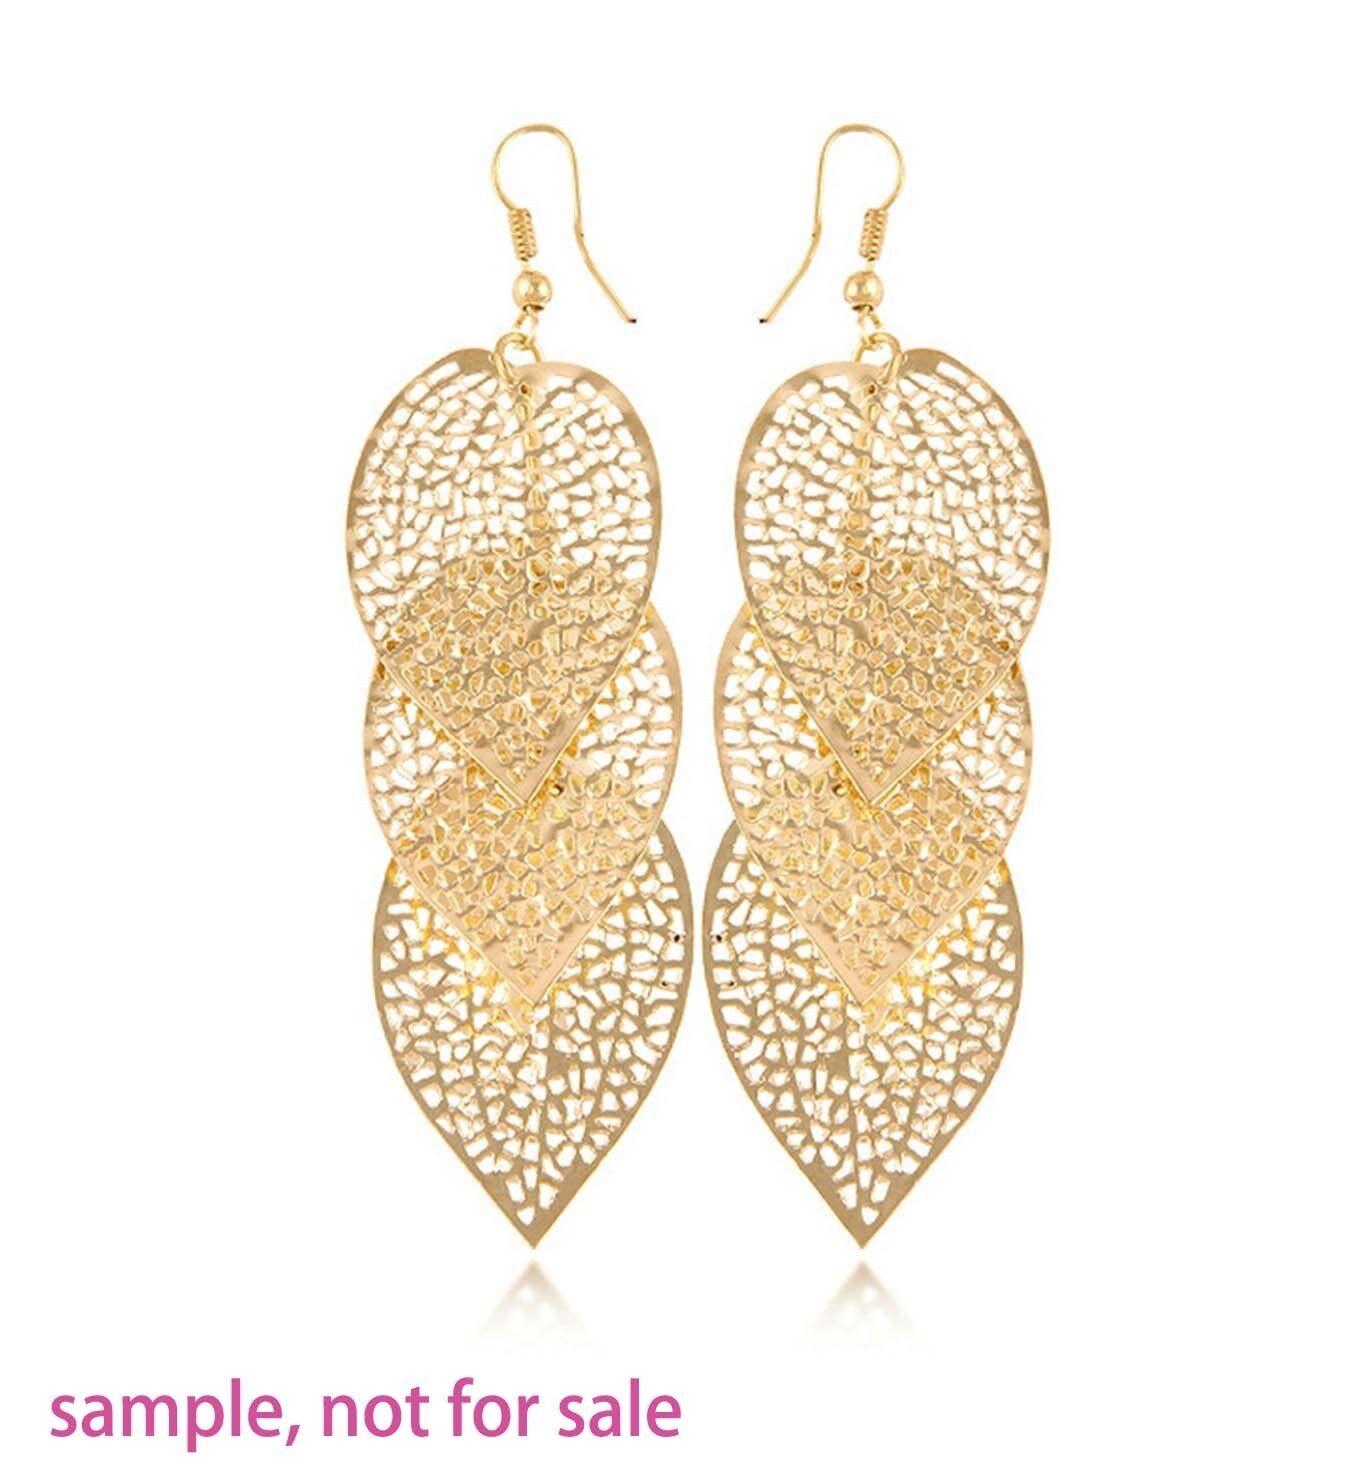 как выглядит Ювелирное изделие  20 Gold Plated Filigree Leaf Focal Pendant 37x25mm фото